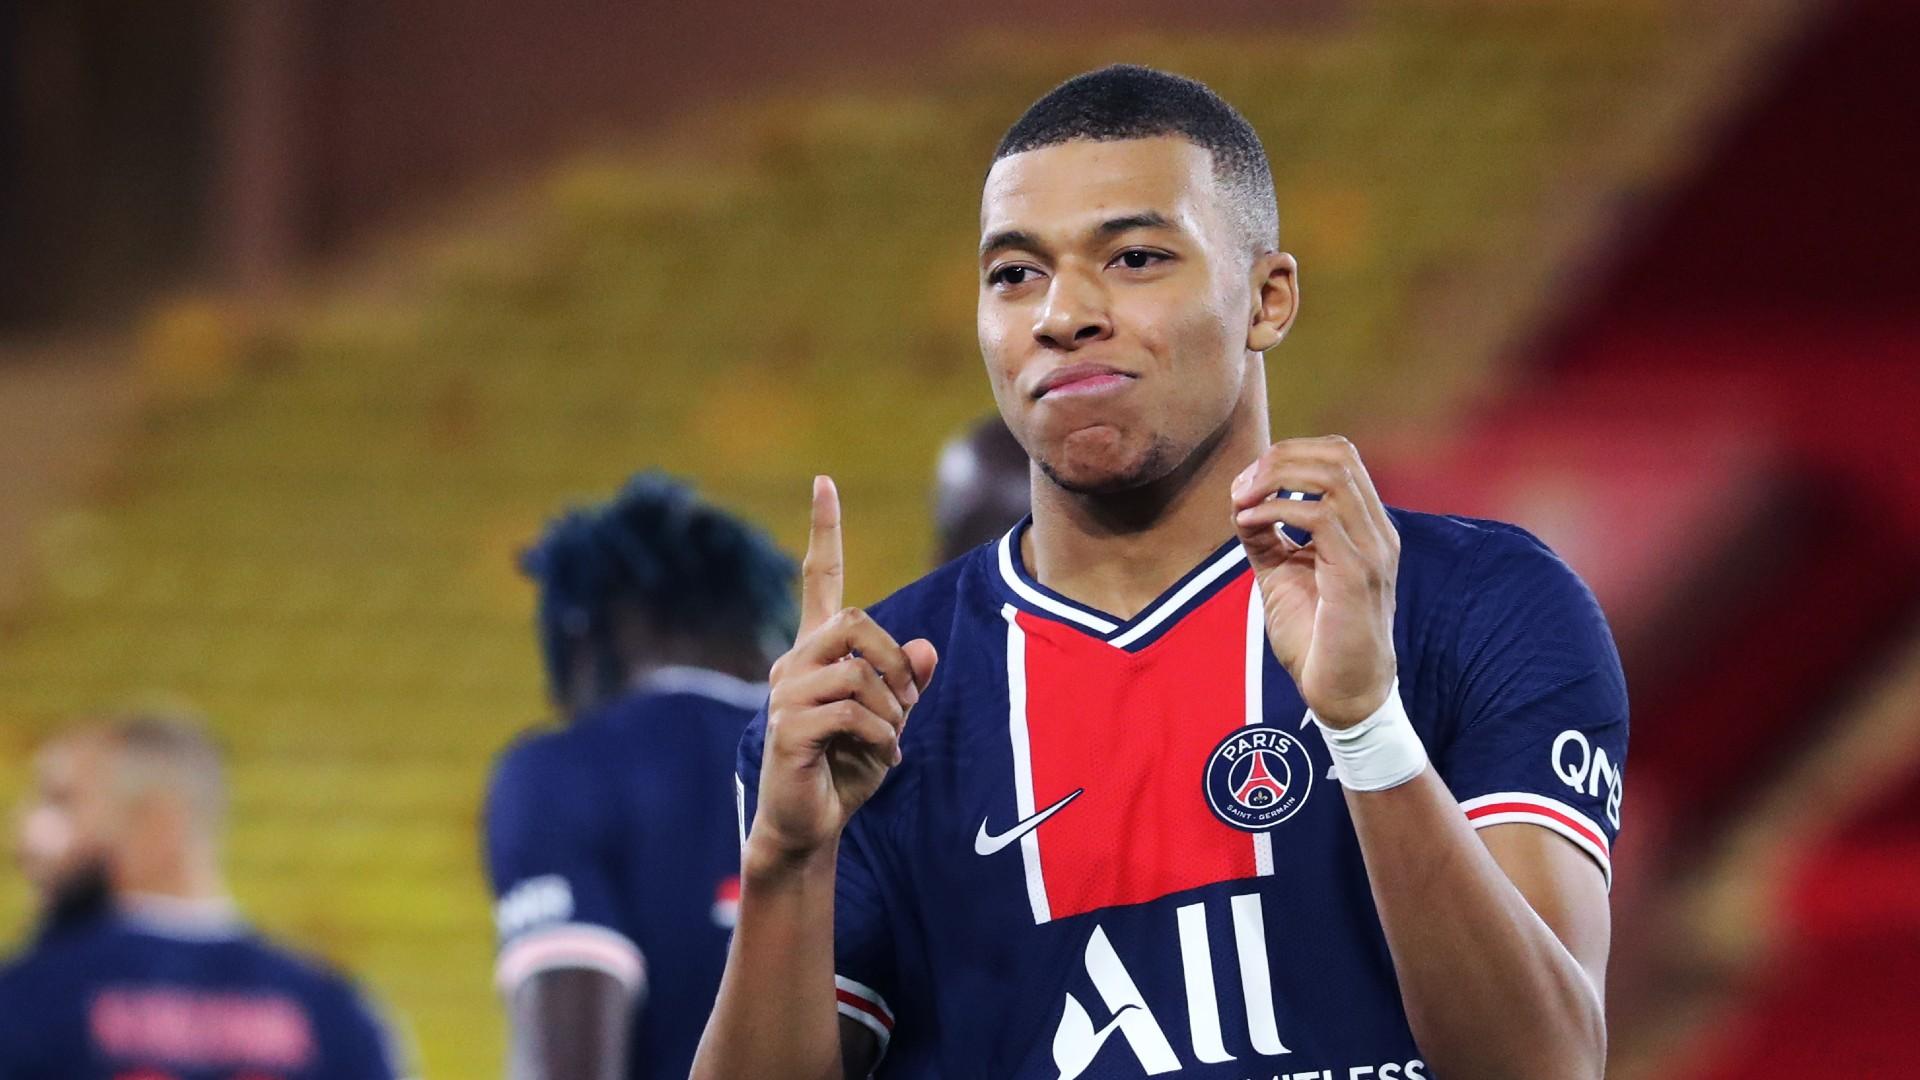 PSG-Bordeaux : Icardi sur le chemin du retour